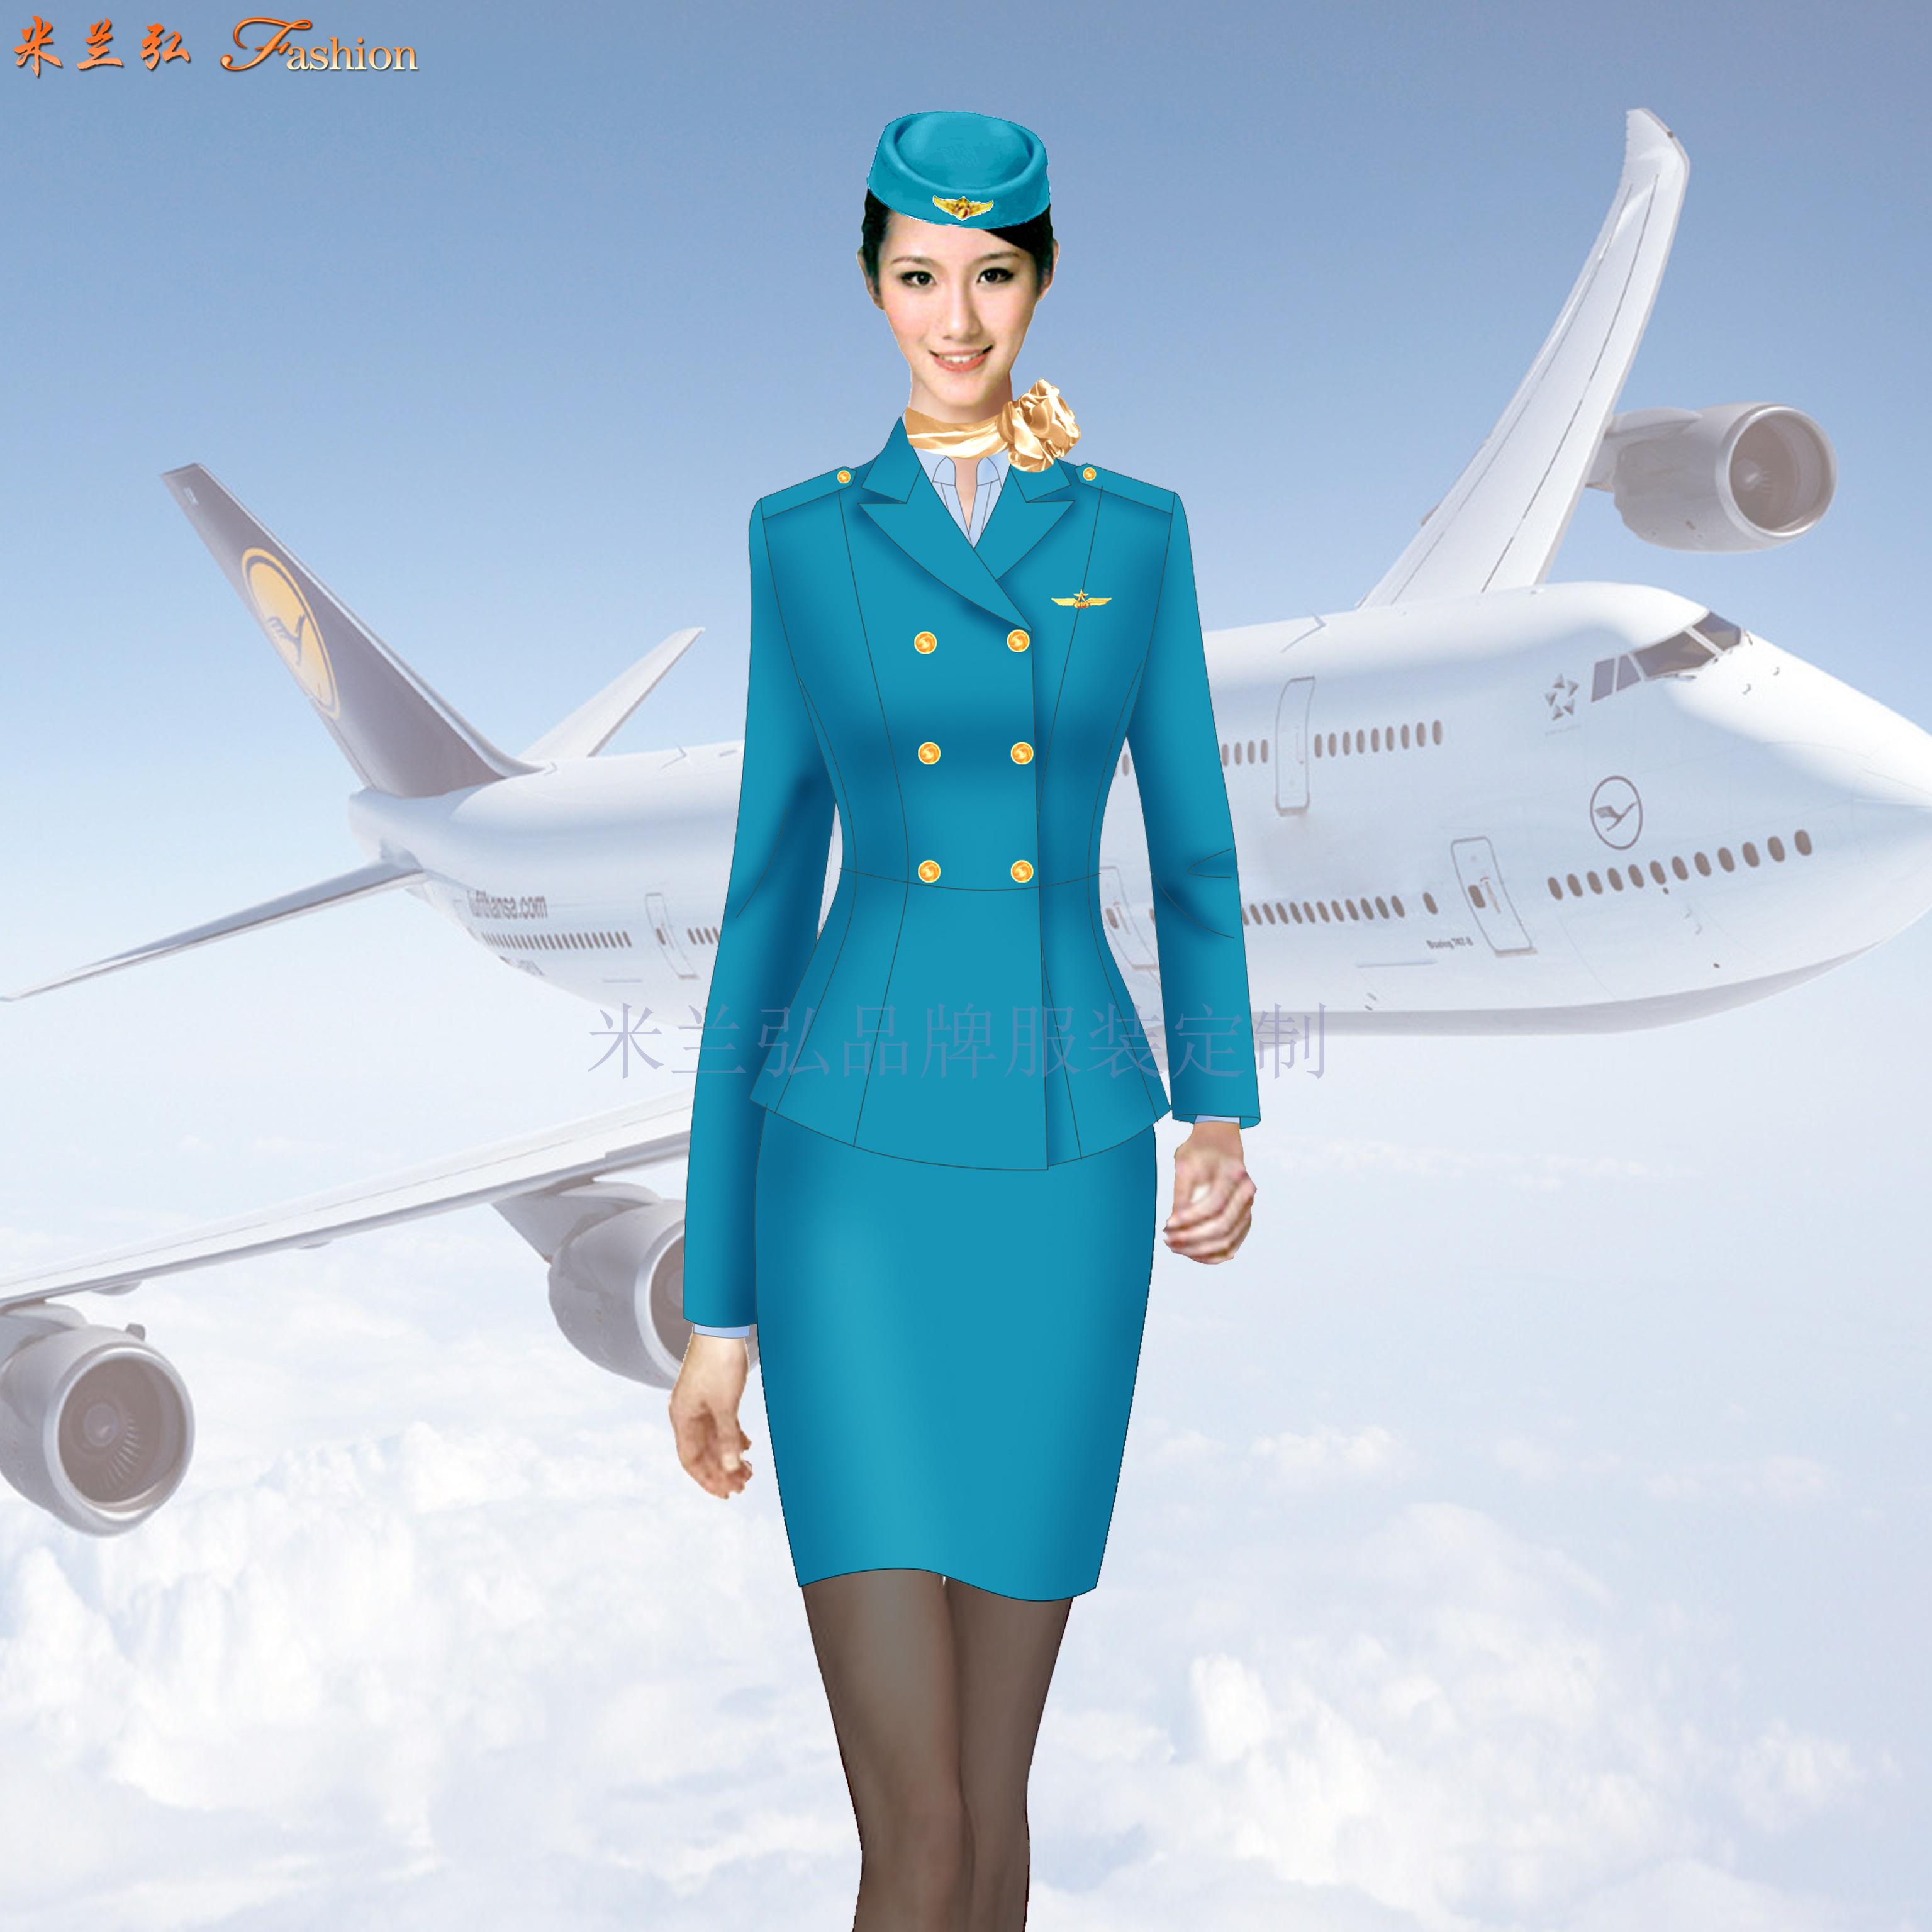 成都空姐服定制-空姐服设计制作公司-米兰弘服装-2